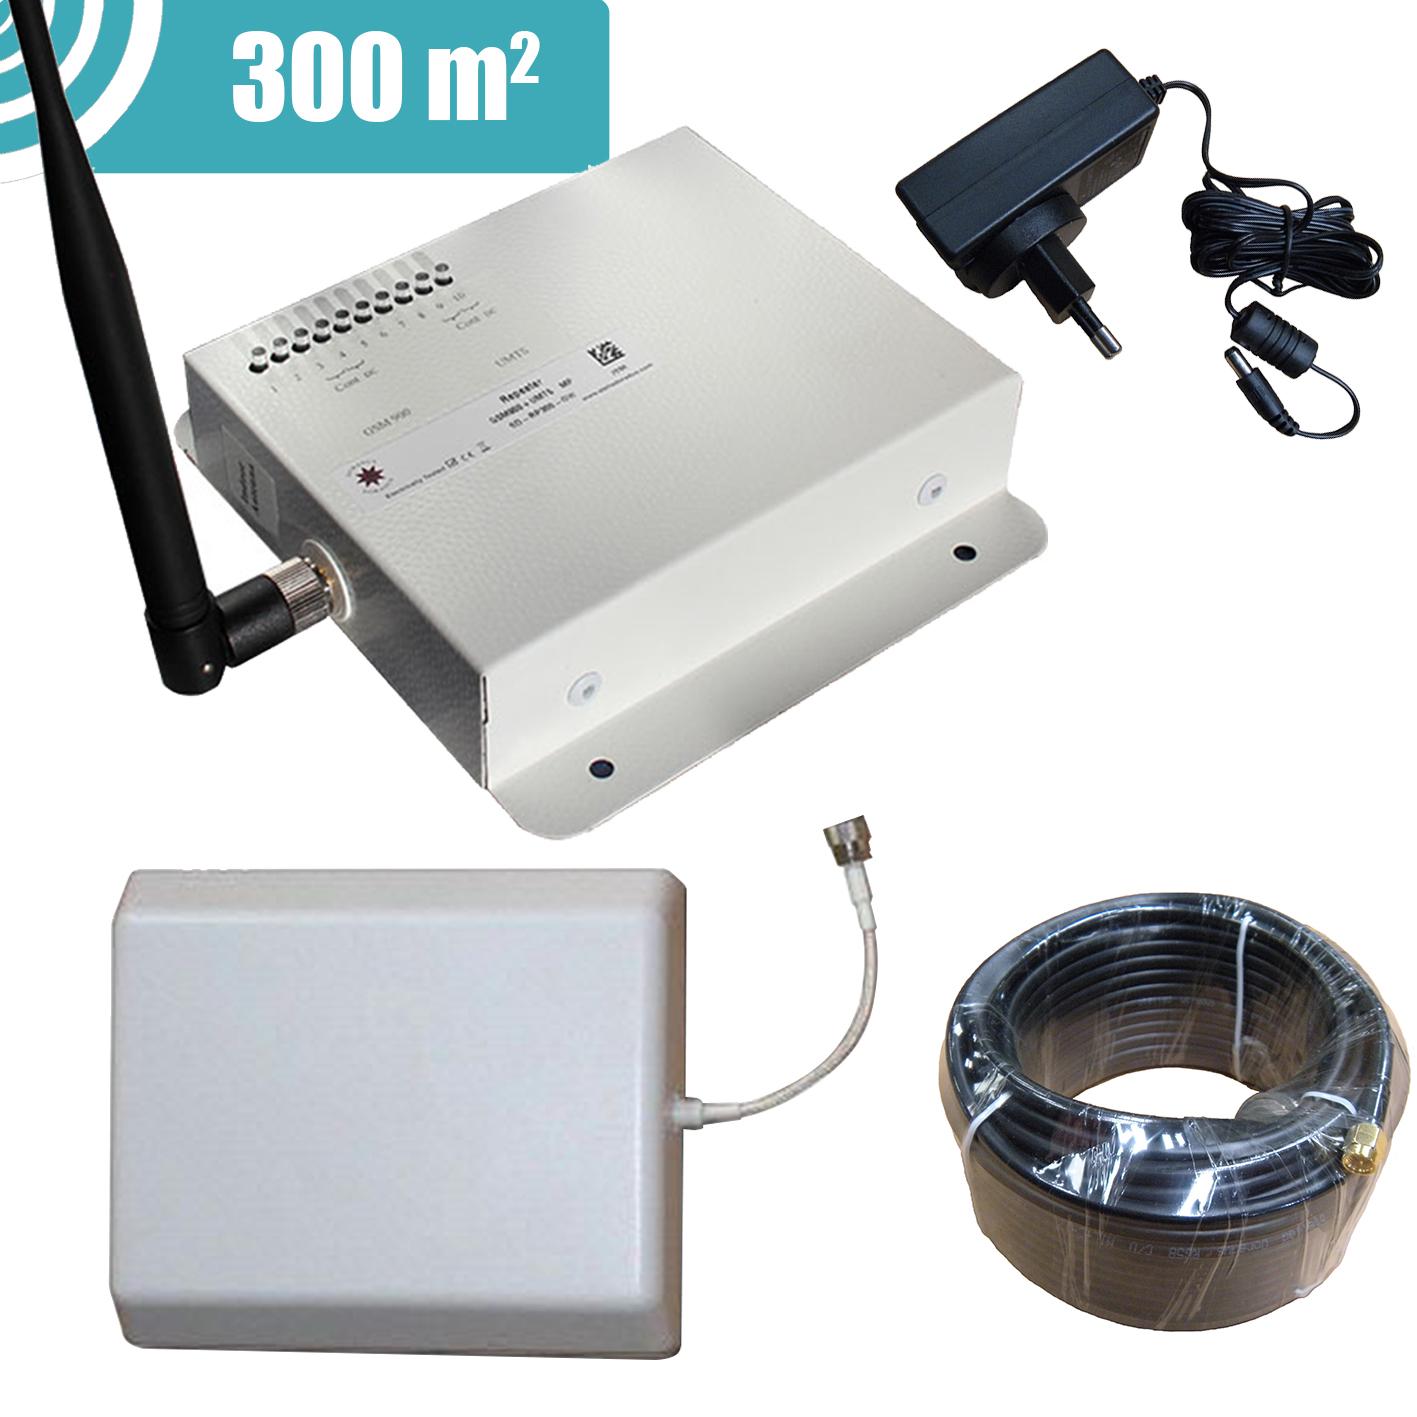 amplificateur gsm de signal bi bande stella room 3g stella doradus gsm amplifier. Black Bedroom Furniture Sets. Home Design Ideas